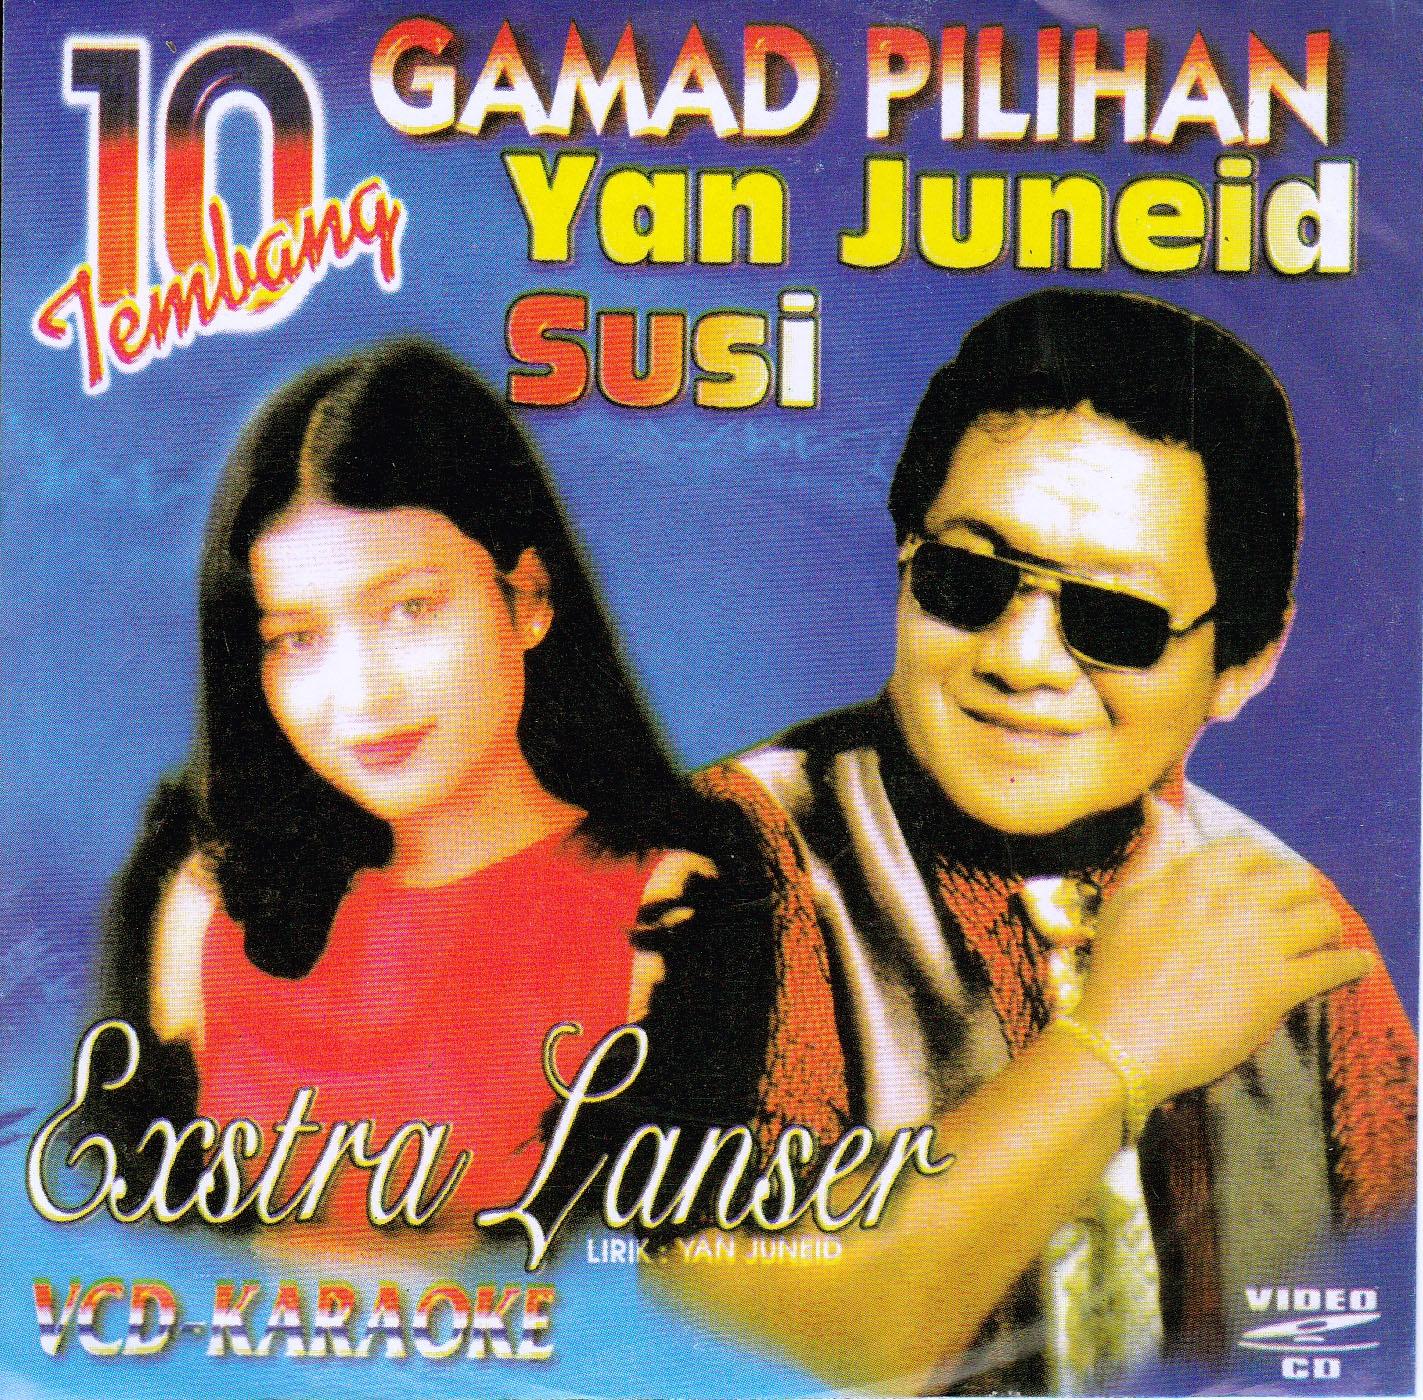 Download Lagu Goyang Nasi Padang 2: Gamad Pilihan -Yan Juned & Susi